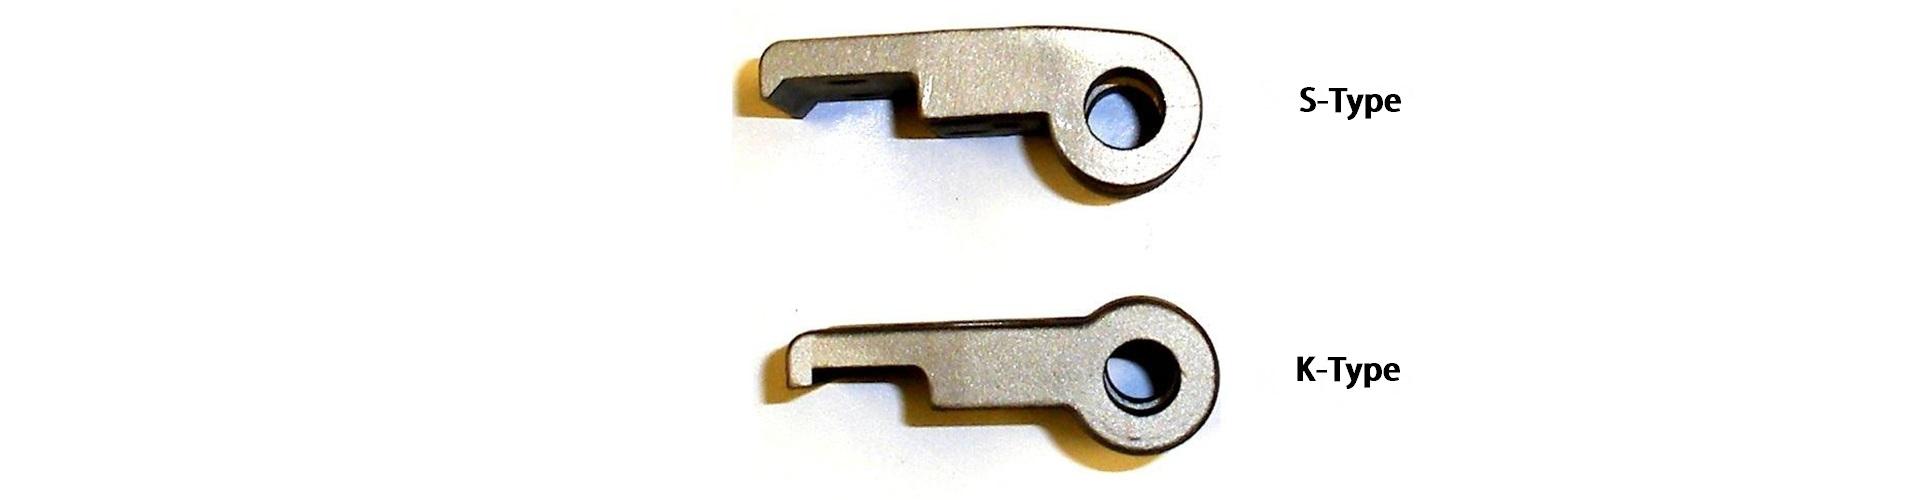 S-Type vs K-Type